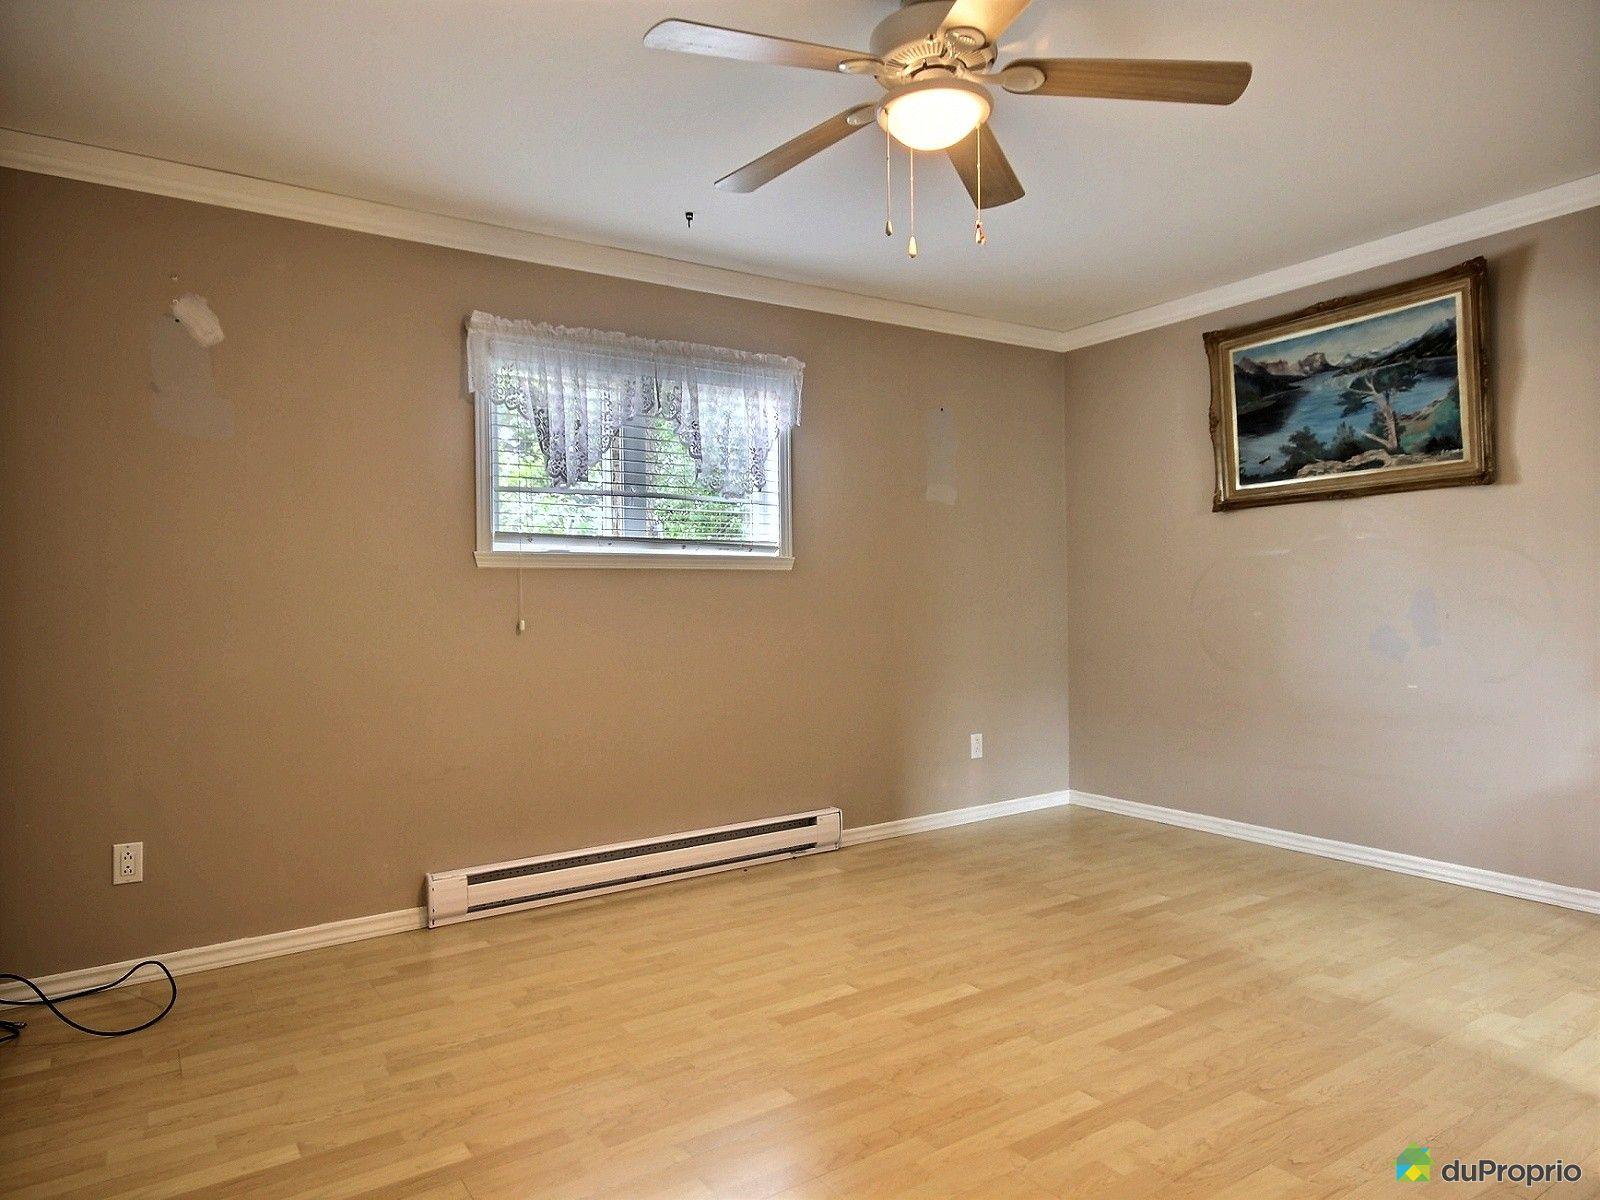 Maison vendre rock forest 1030 rue favreau immobilier for Acheter une maison a montreal sans interet